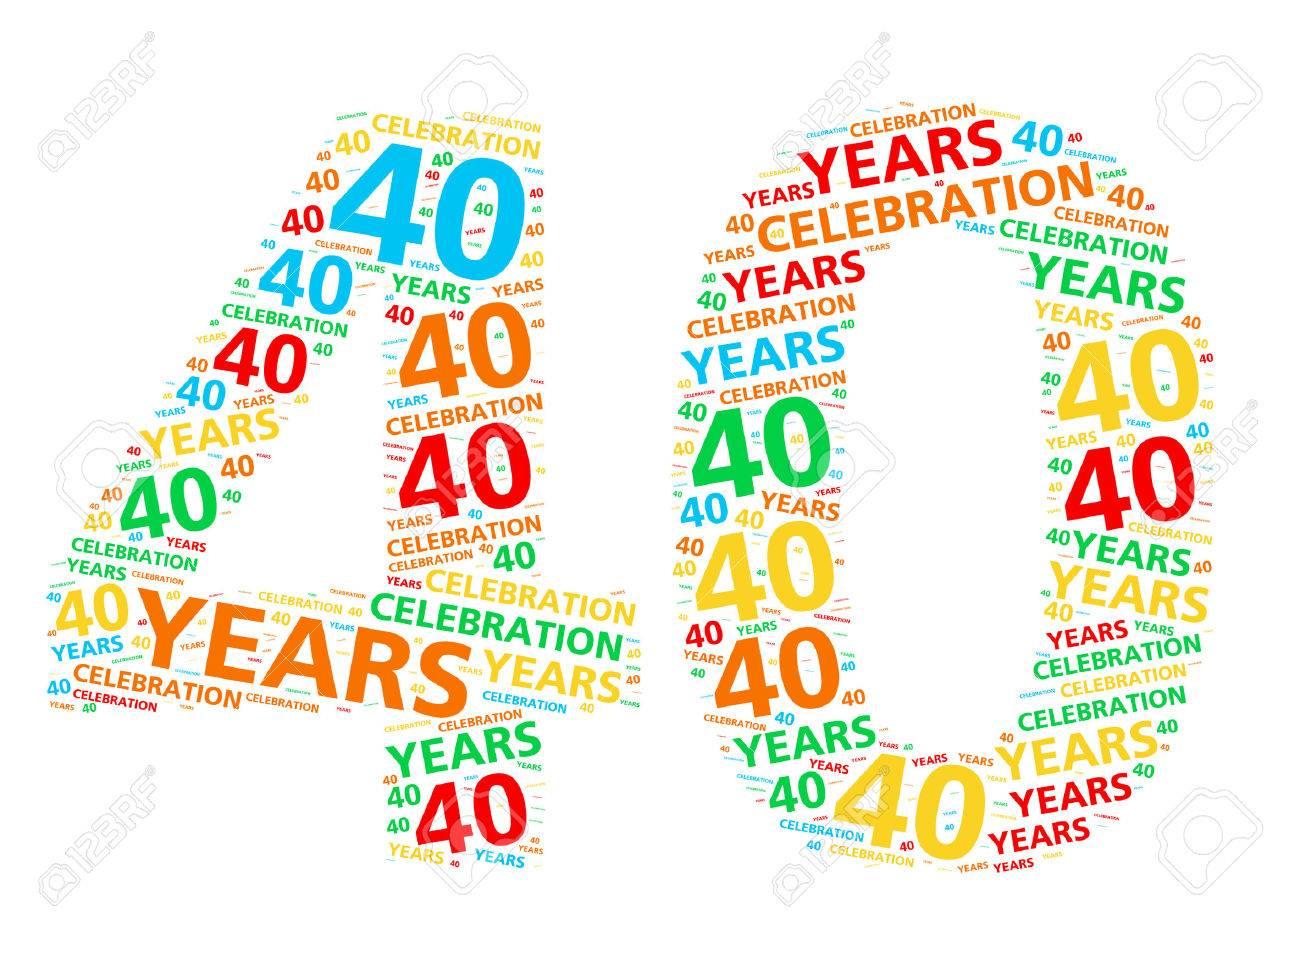 Bunte Wortwolke Fur Feiert 40 Jahre Geburtstag Oder Jubilaum